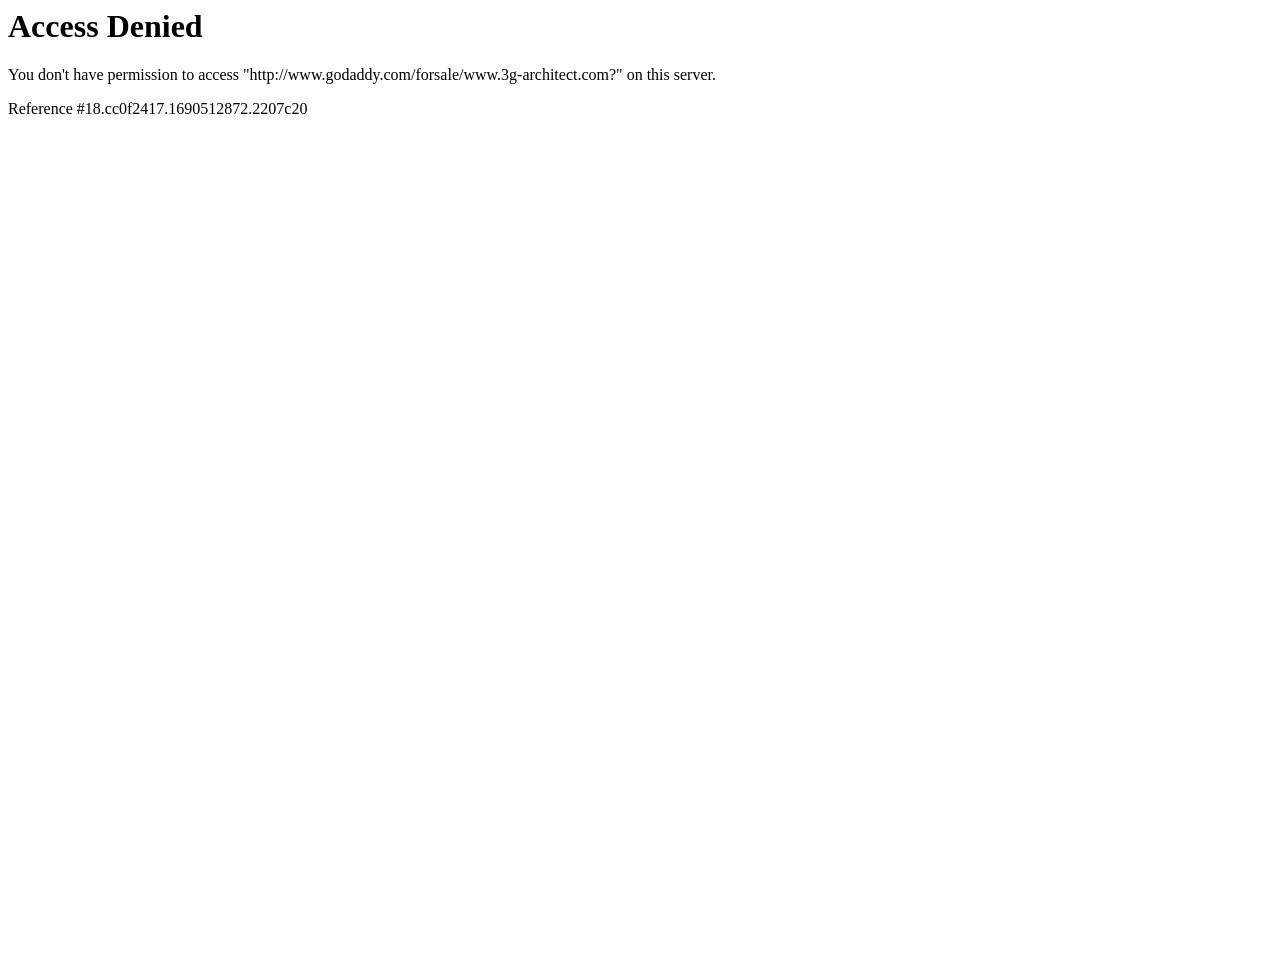 3GArchitectLLC